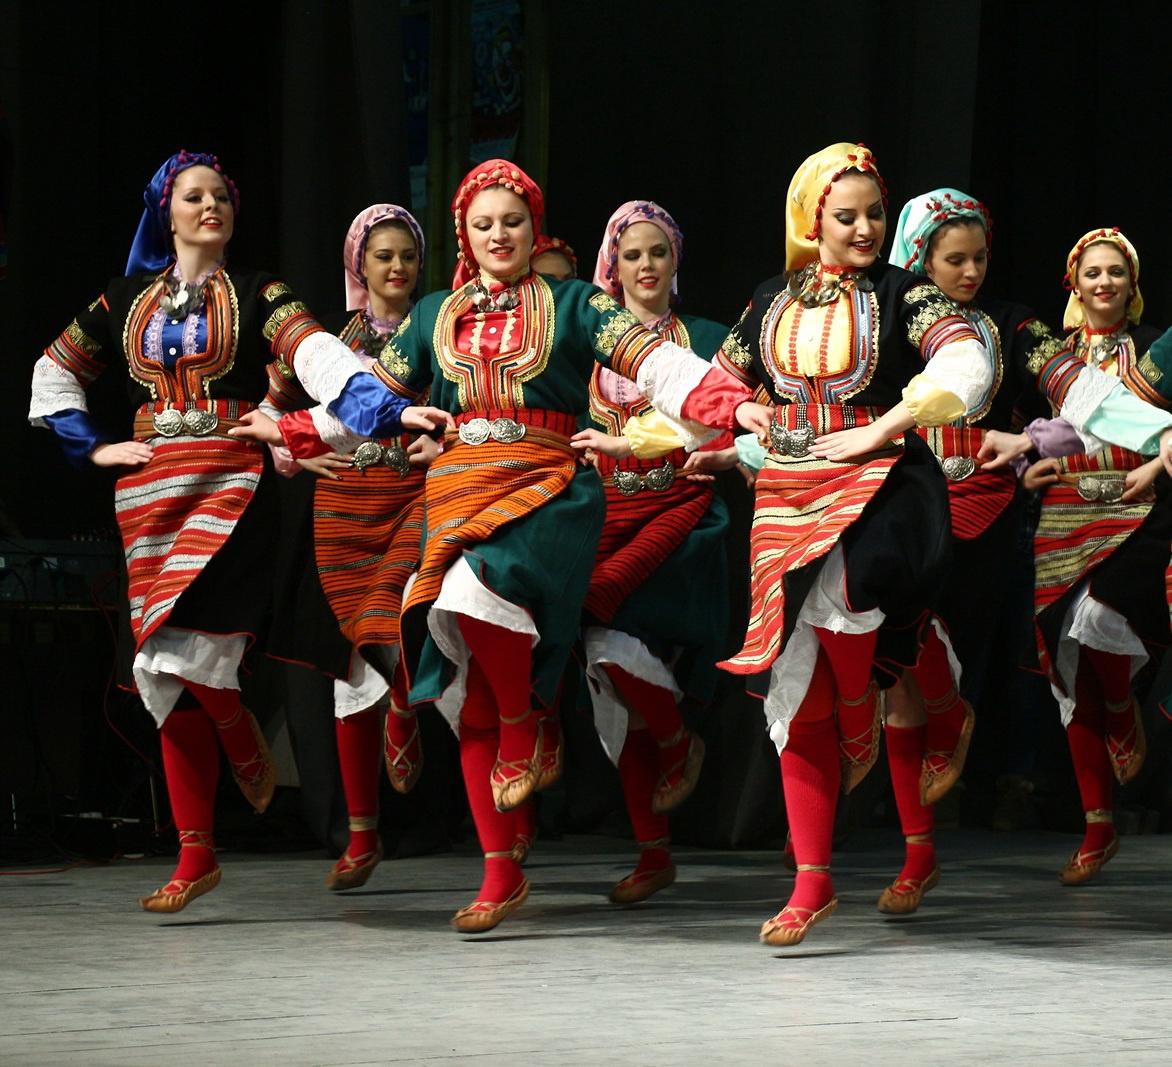 """Kulturno umetničko društvo """"Kostolac"""" - Negovanje folklora i narodne tradicije (VIDEO) 39448"""